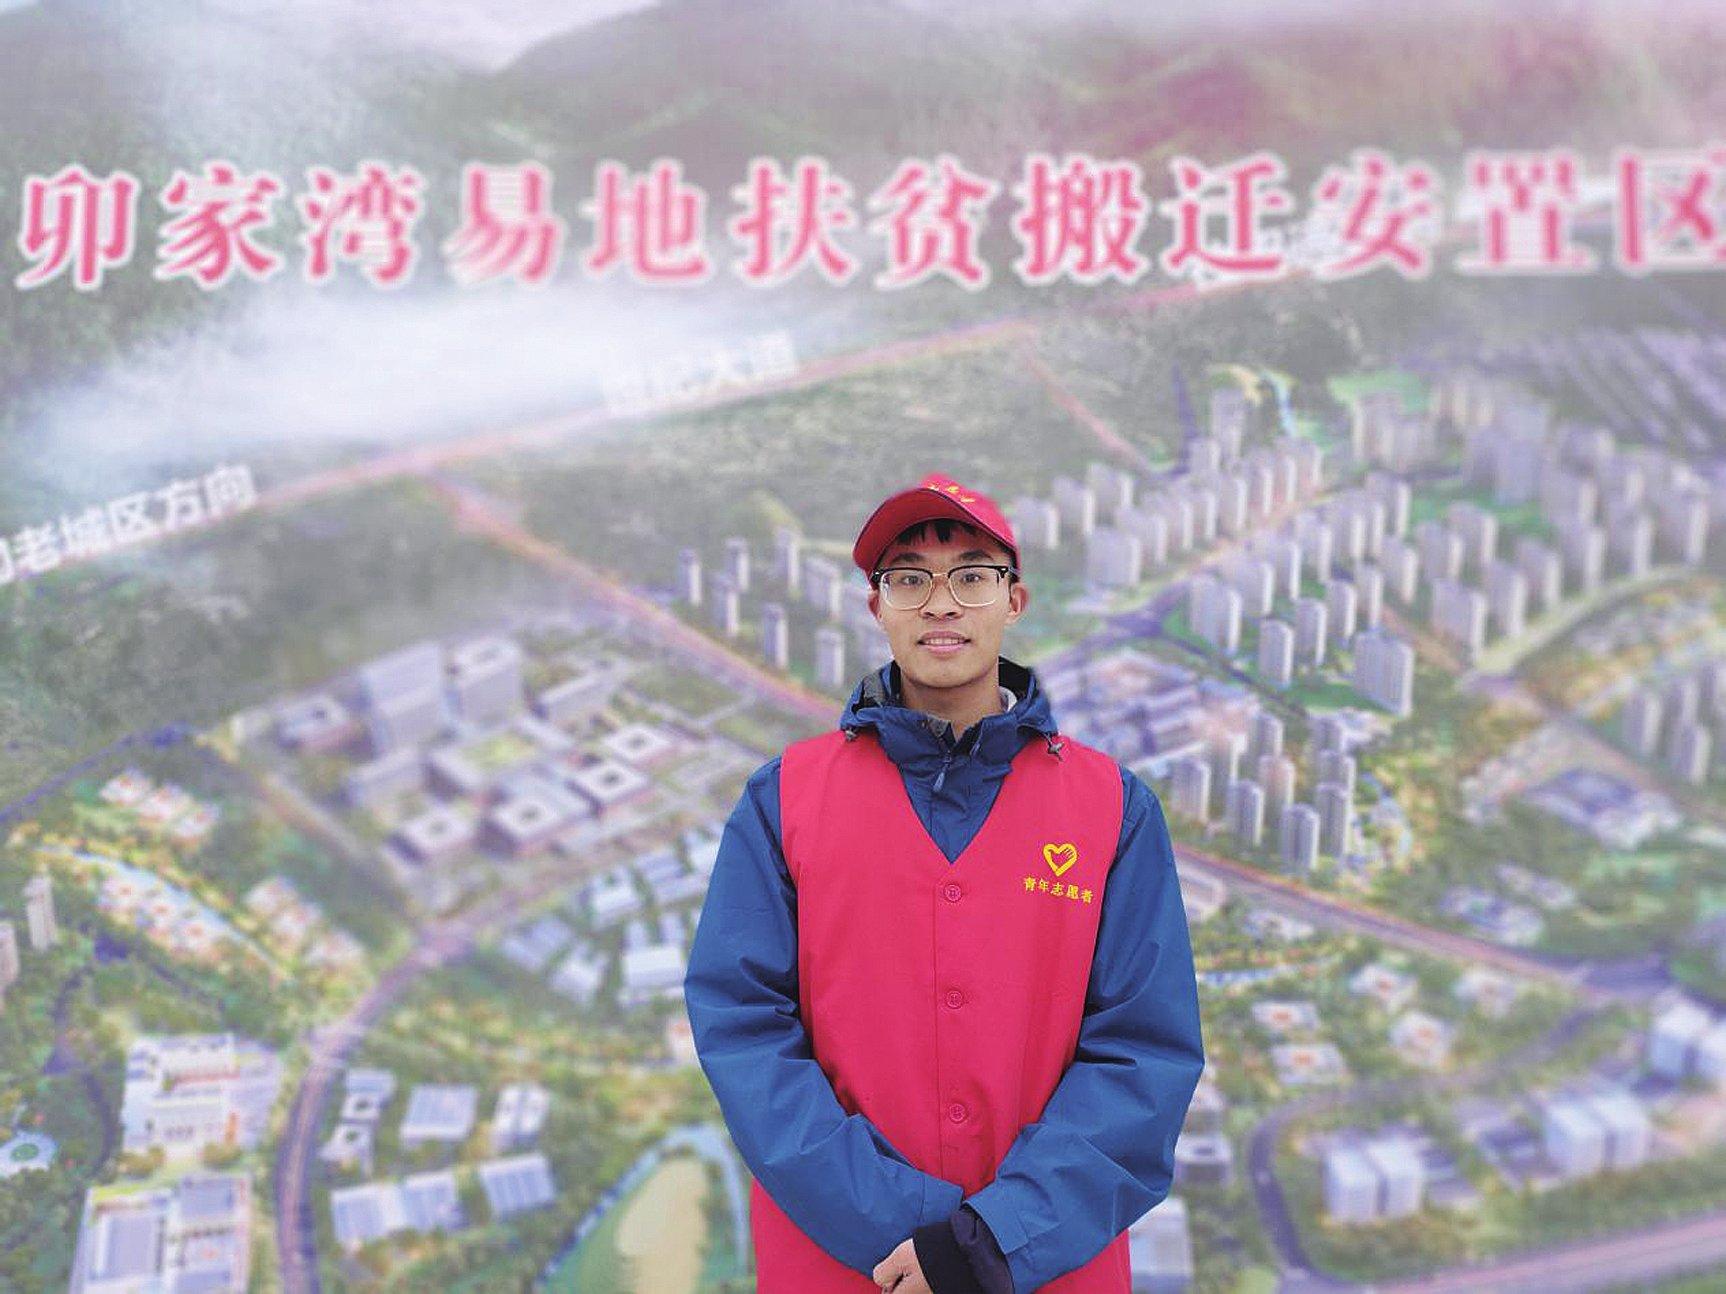 西部计划郭浩贤:我与彩云之南的故事